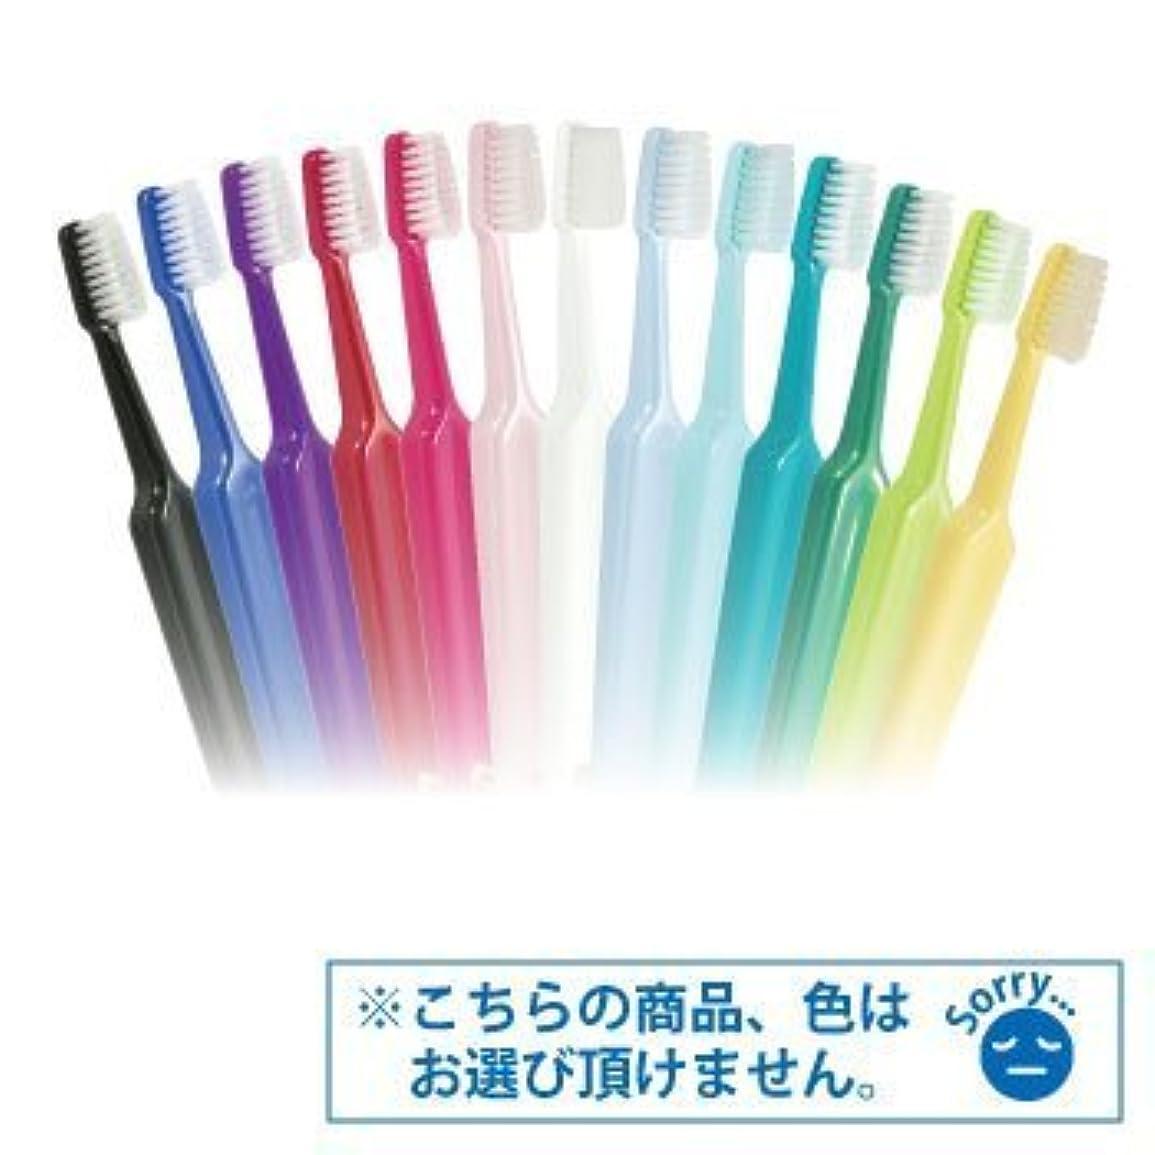 気になる継続中補助Tepe歯ブラシ セレクトコンパクト /ソフト 30本入り